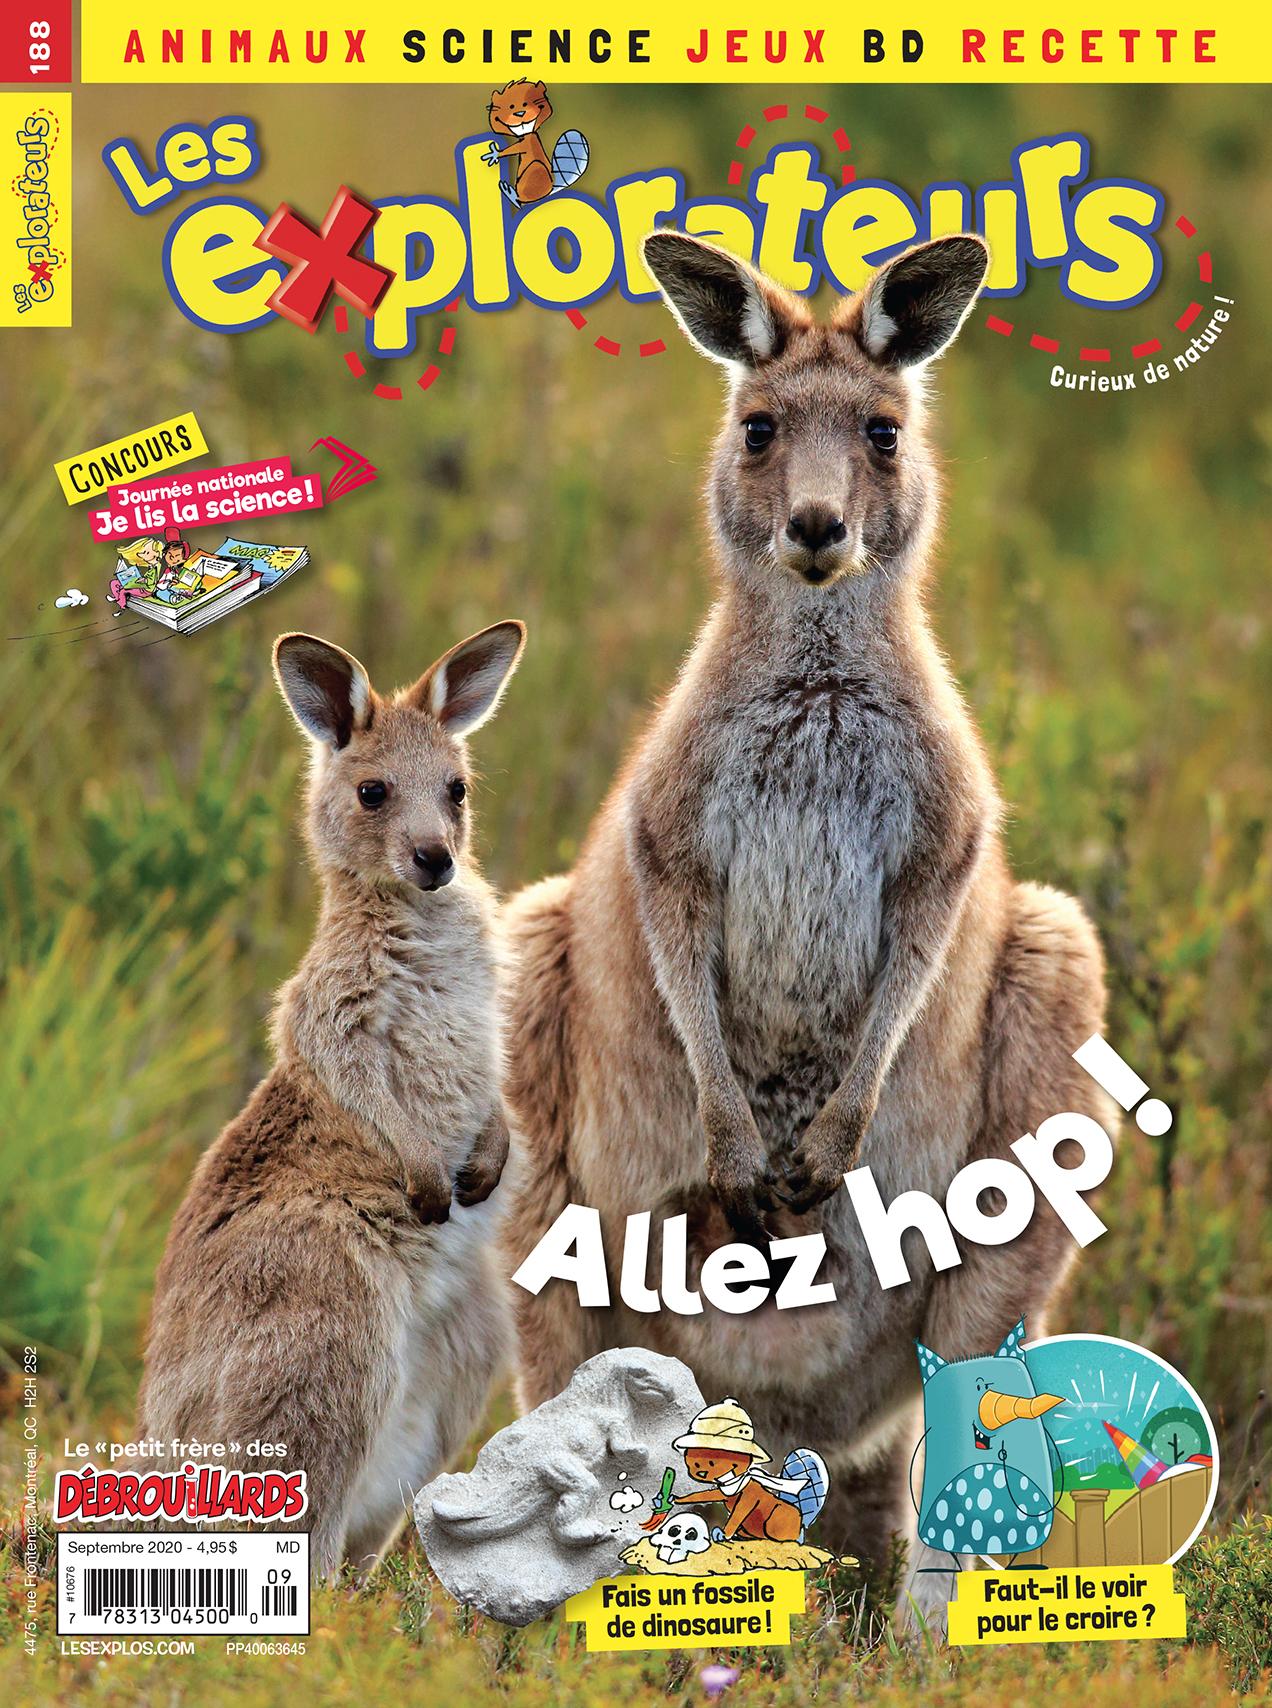 Les Explorateurs, no 188, septembre 2020